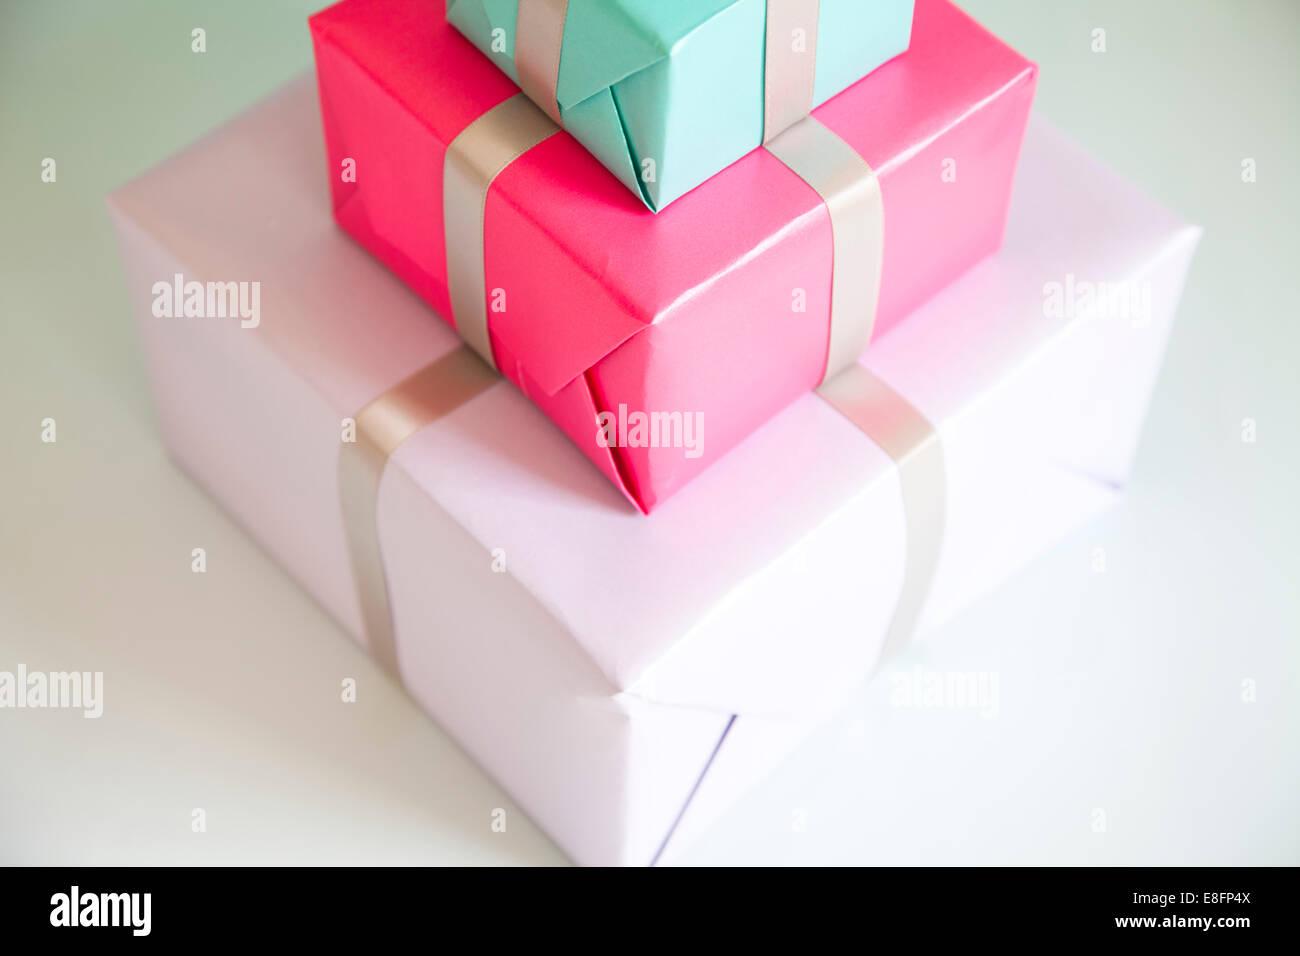 Pile de trois cadeaux emballés Photo Stock